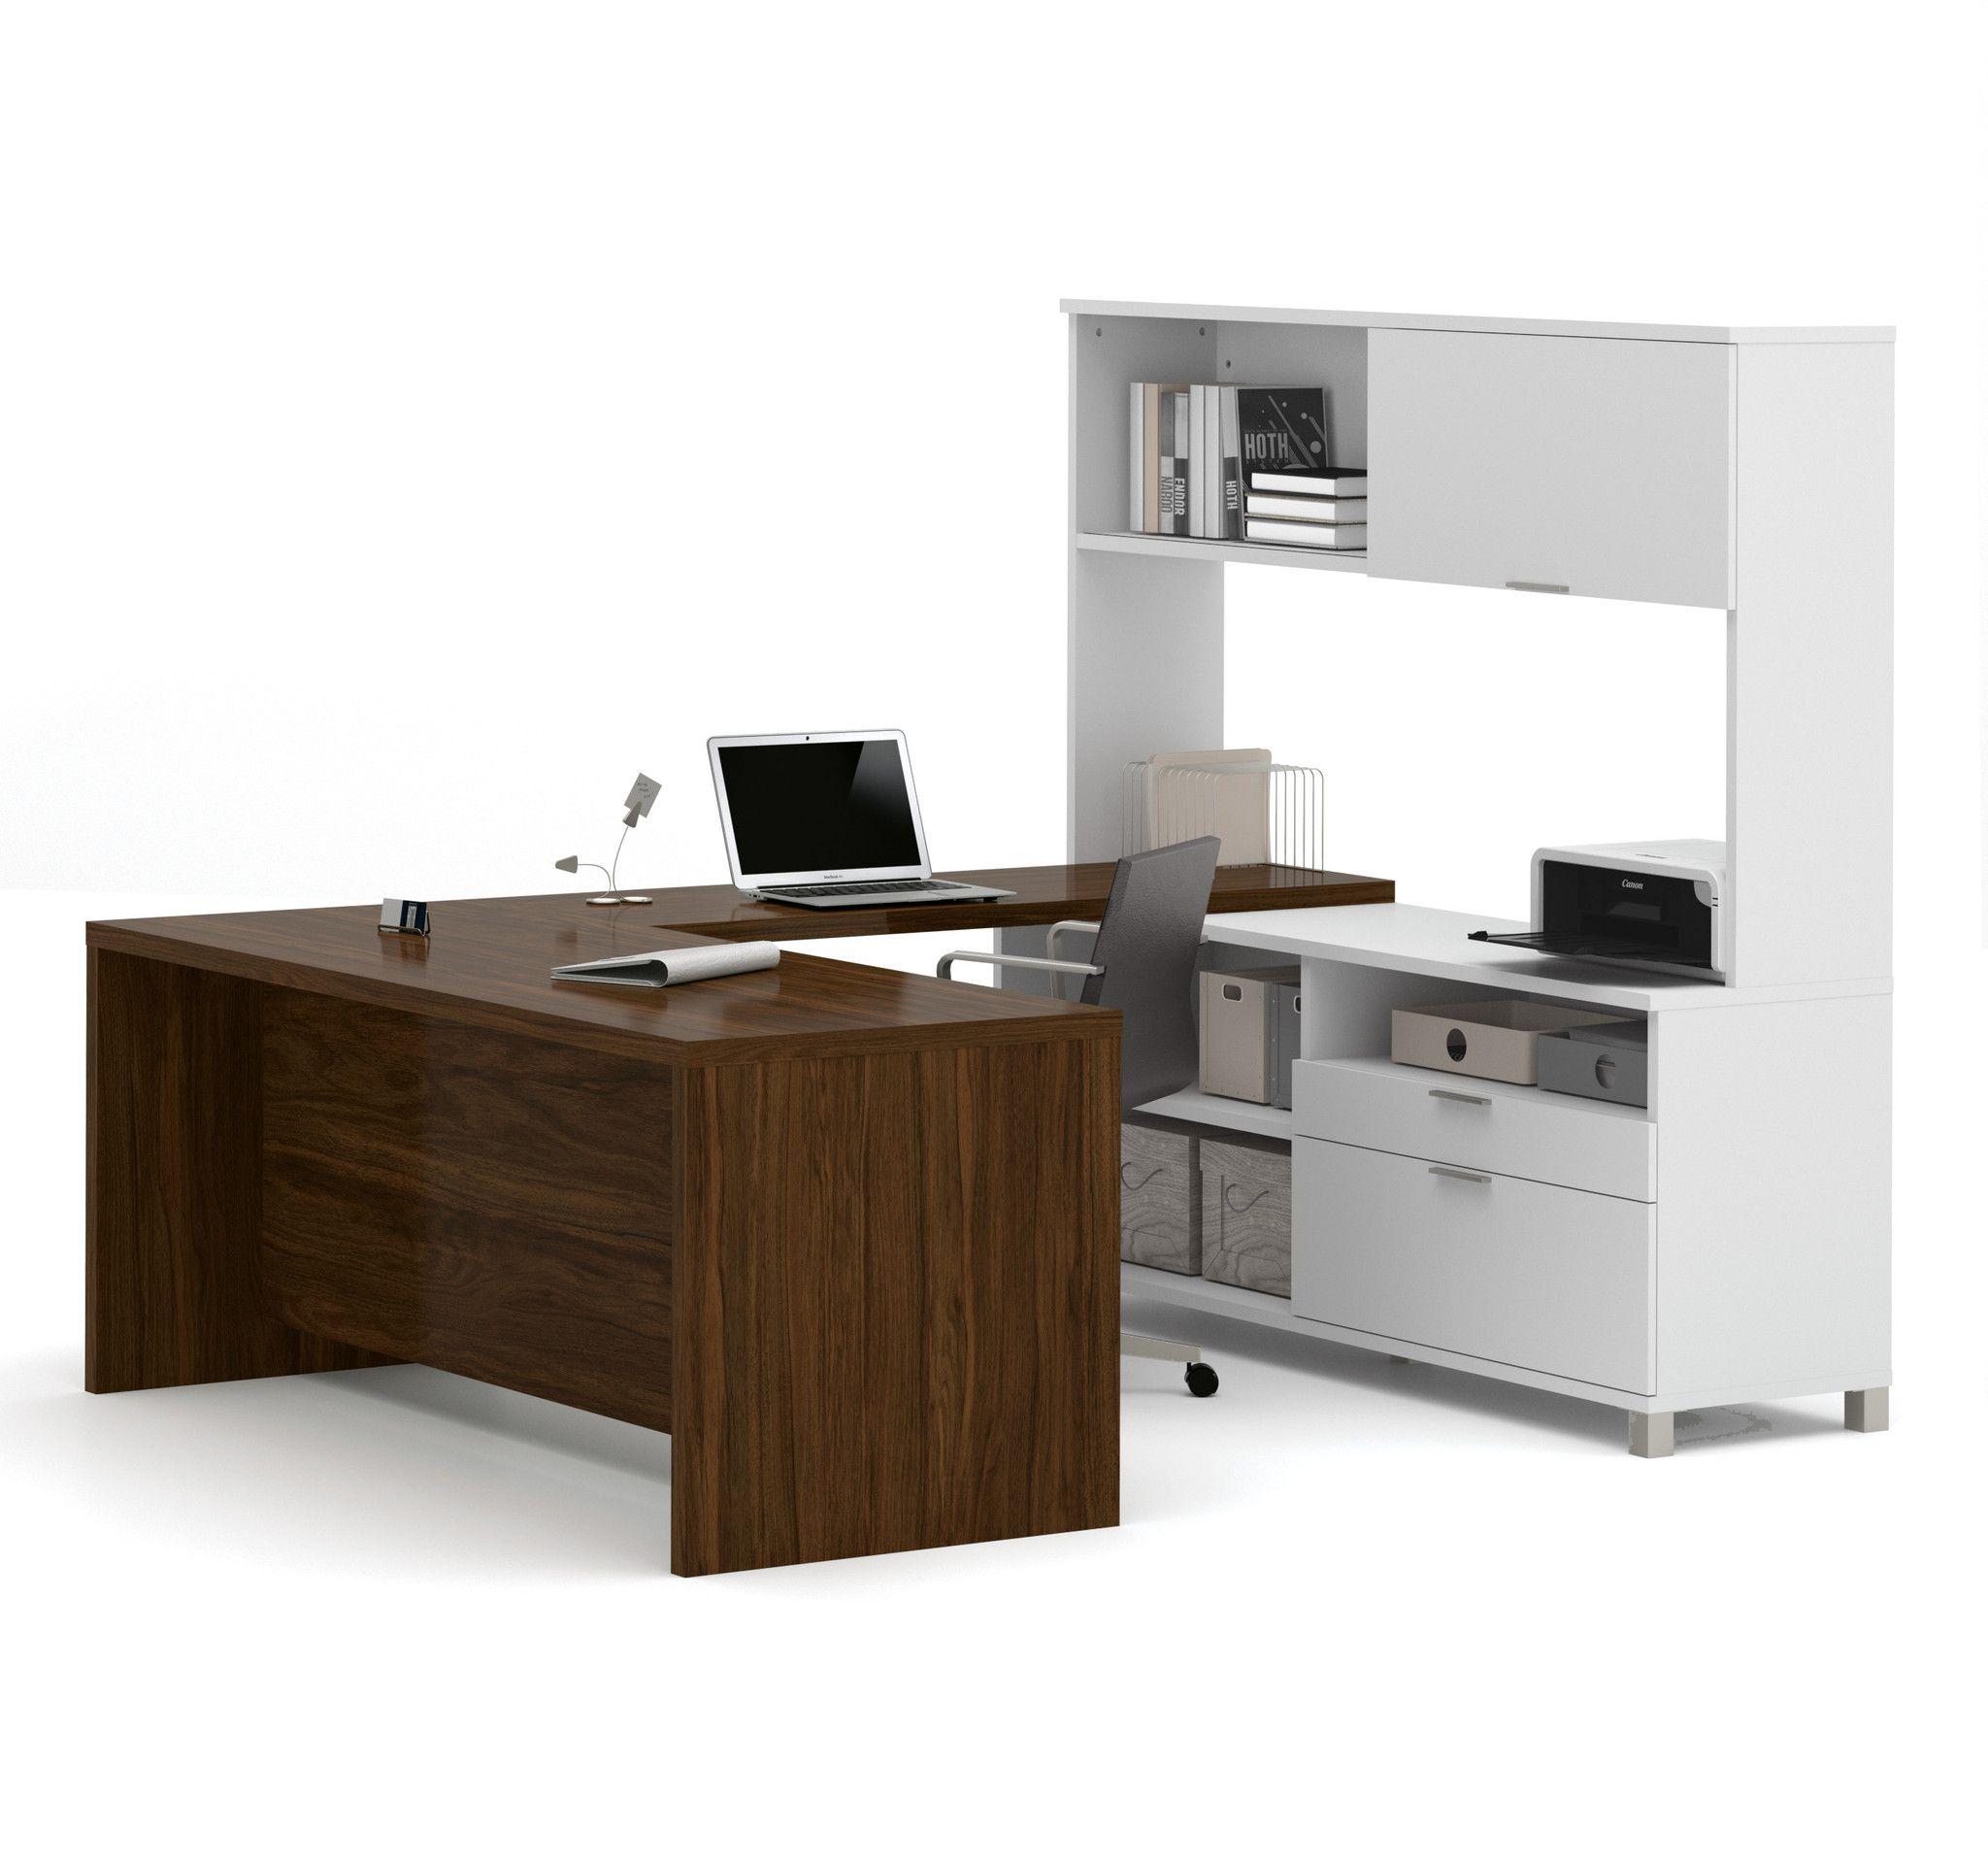 Premium Modern U-shaped Desk with Hutch in White & Oak Barrel ...